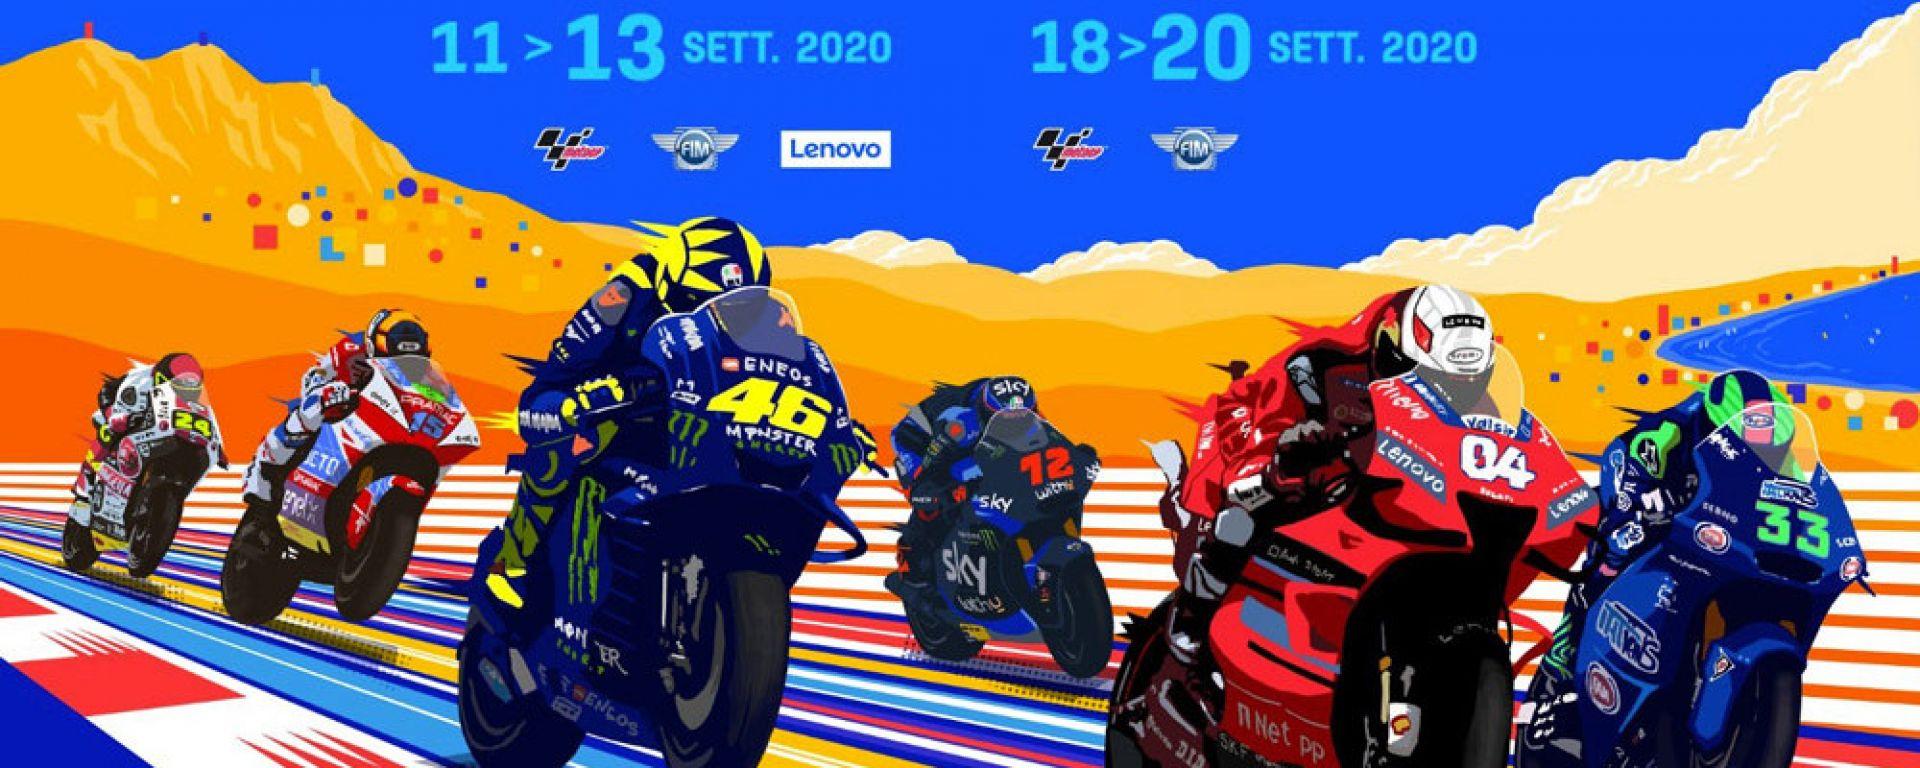 Il poster ufficiale dei GP di San Marino ed Emilia Romagna e della Riviera di Rimini